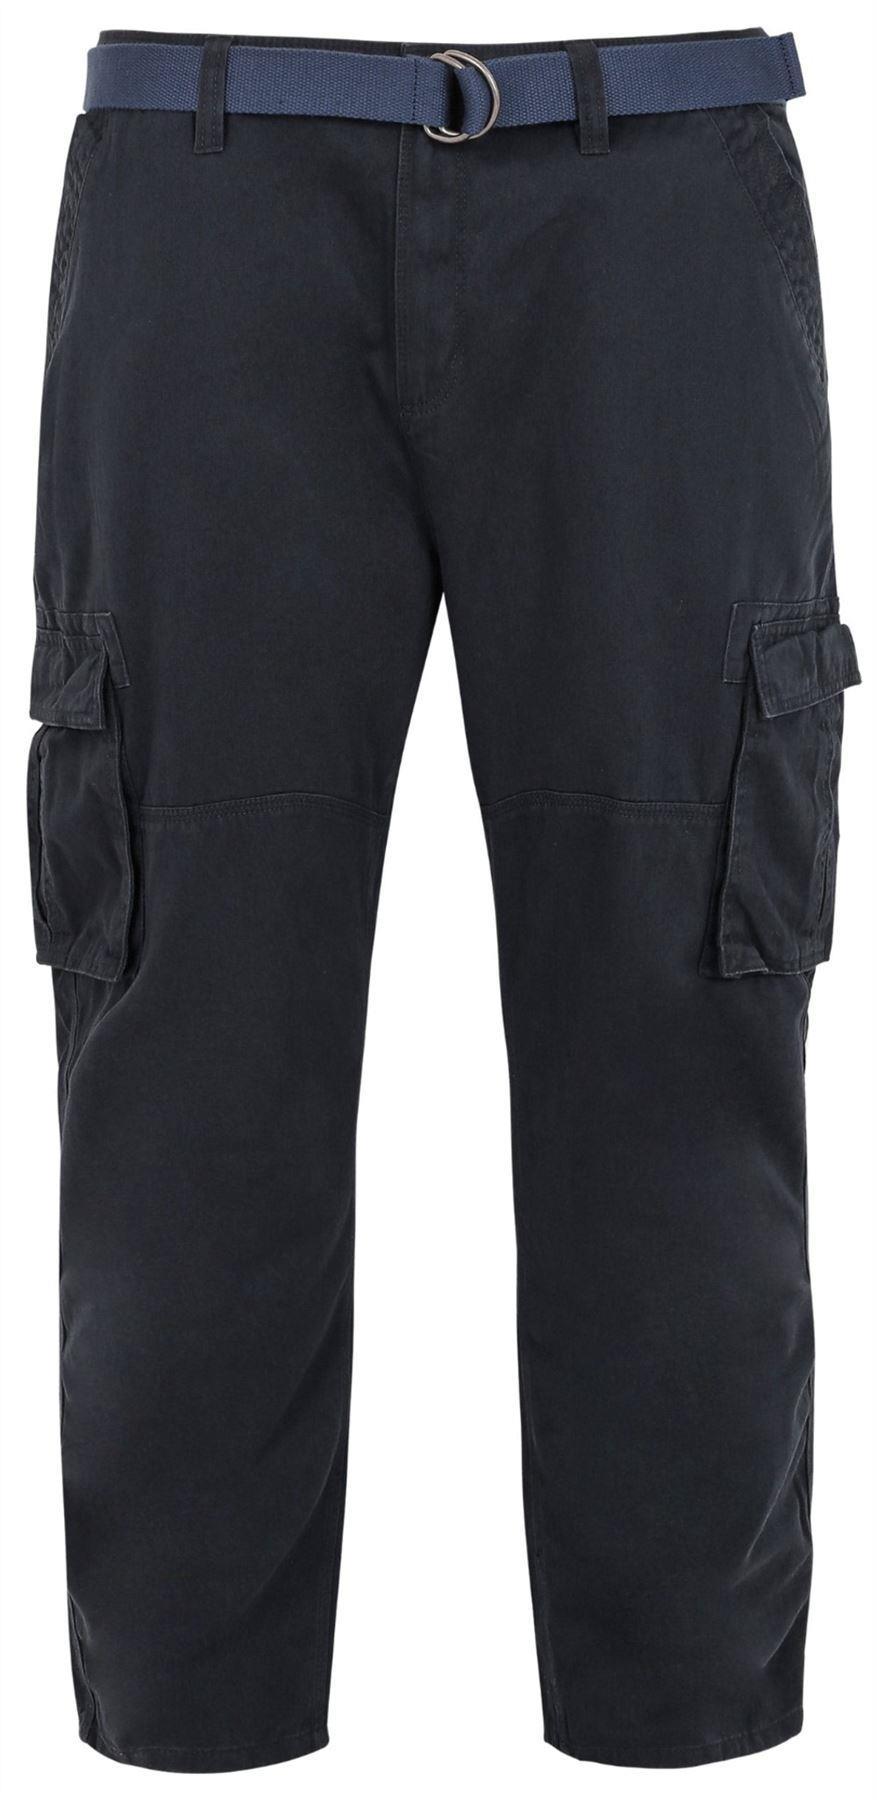 Bad Rhino Cargo Trousers - Navy|44W32L